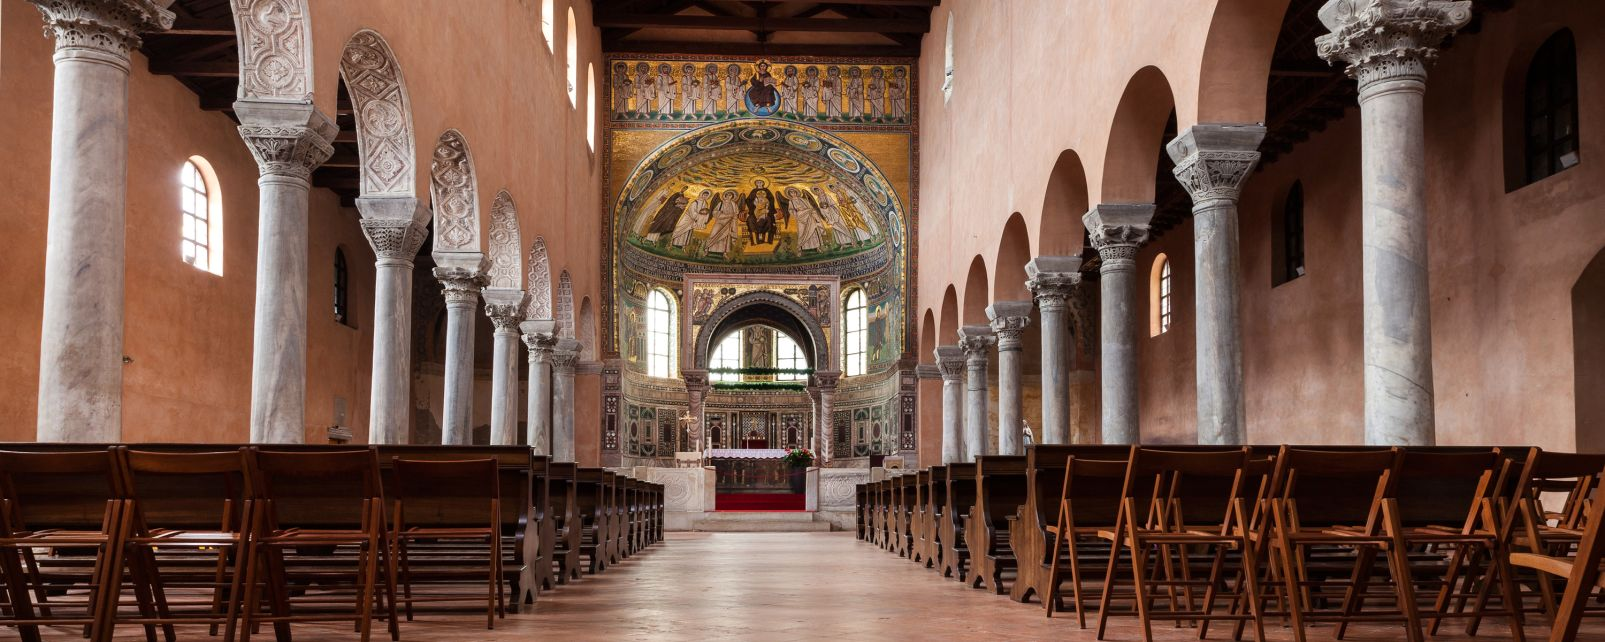 Les monuments, porec, basilique euphrasienne, religion, église, croatie, europe, adriatique, nef, choeur